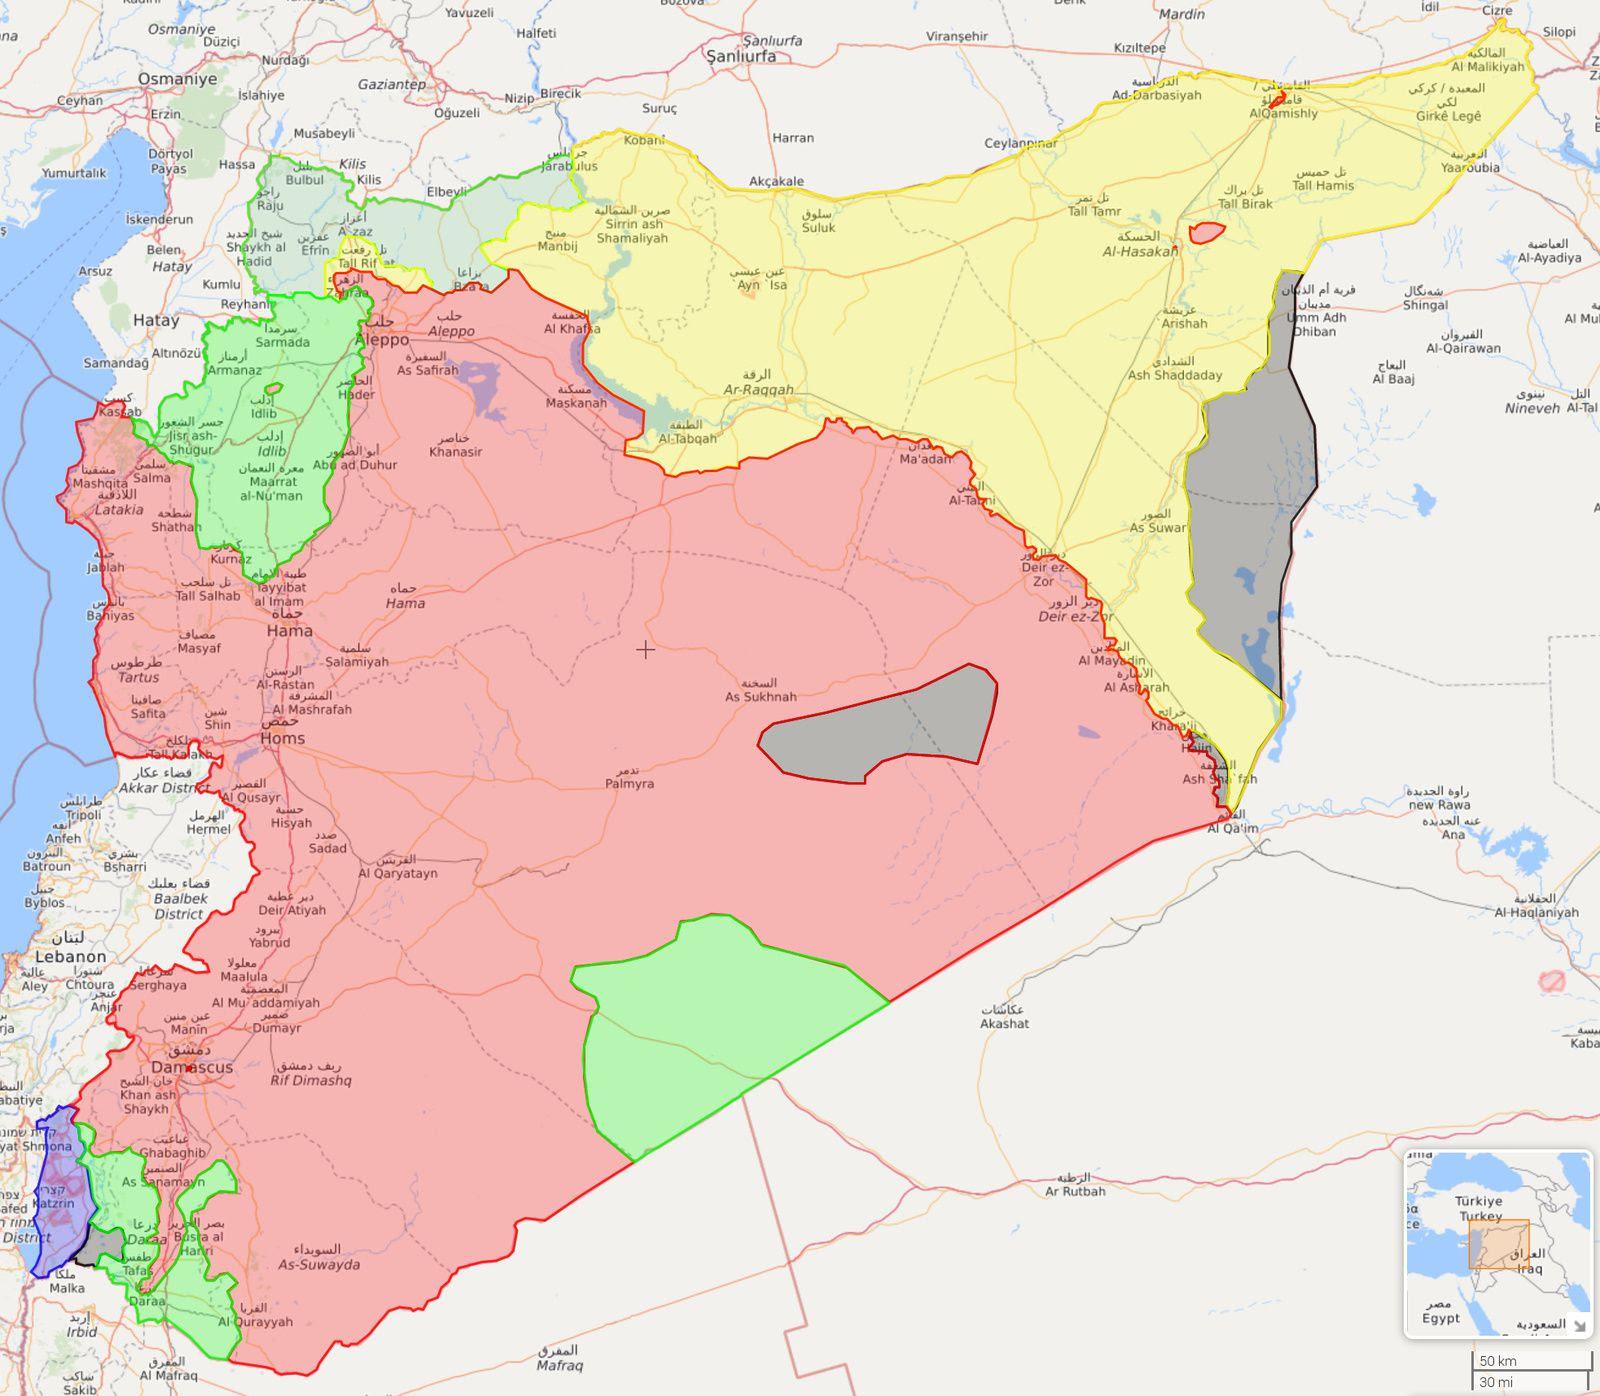 Rapport sur la situation en Syrie - Libérer la voie vitale de l'autoroute M5 (Moon of Alabama)